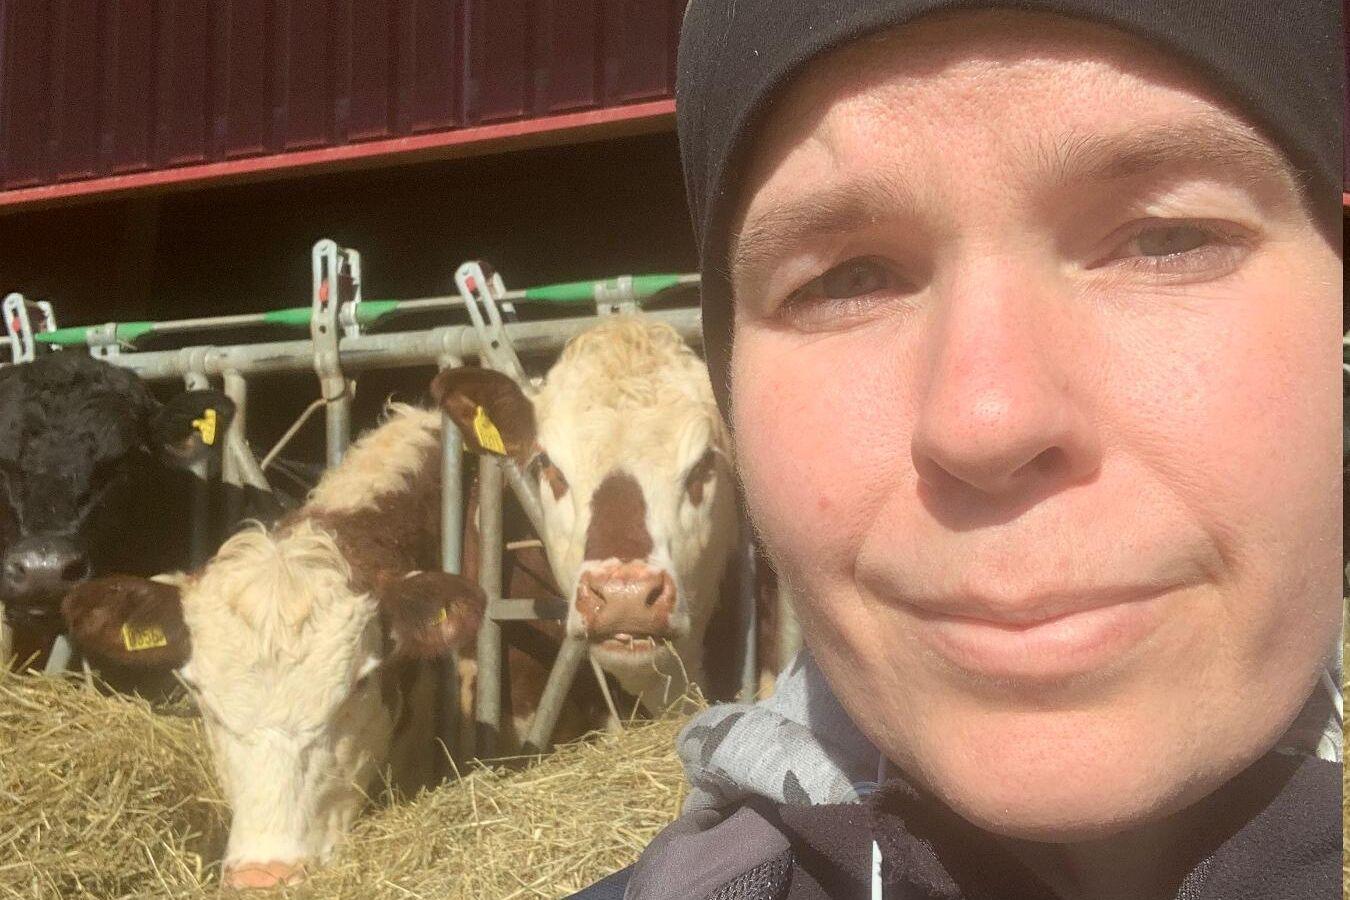 Jenny Töllborg driver Lillegården Kött och chark i Marks kommun. Gården bedriver ekologisk dikoproduktion med korsningar Angus/Hereford i huvudsak.